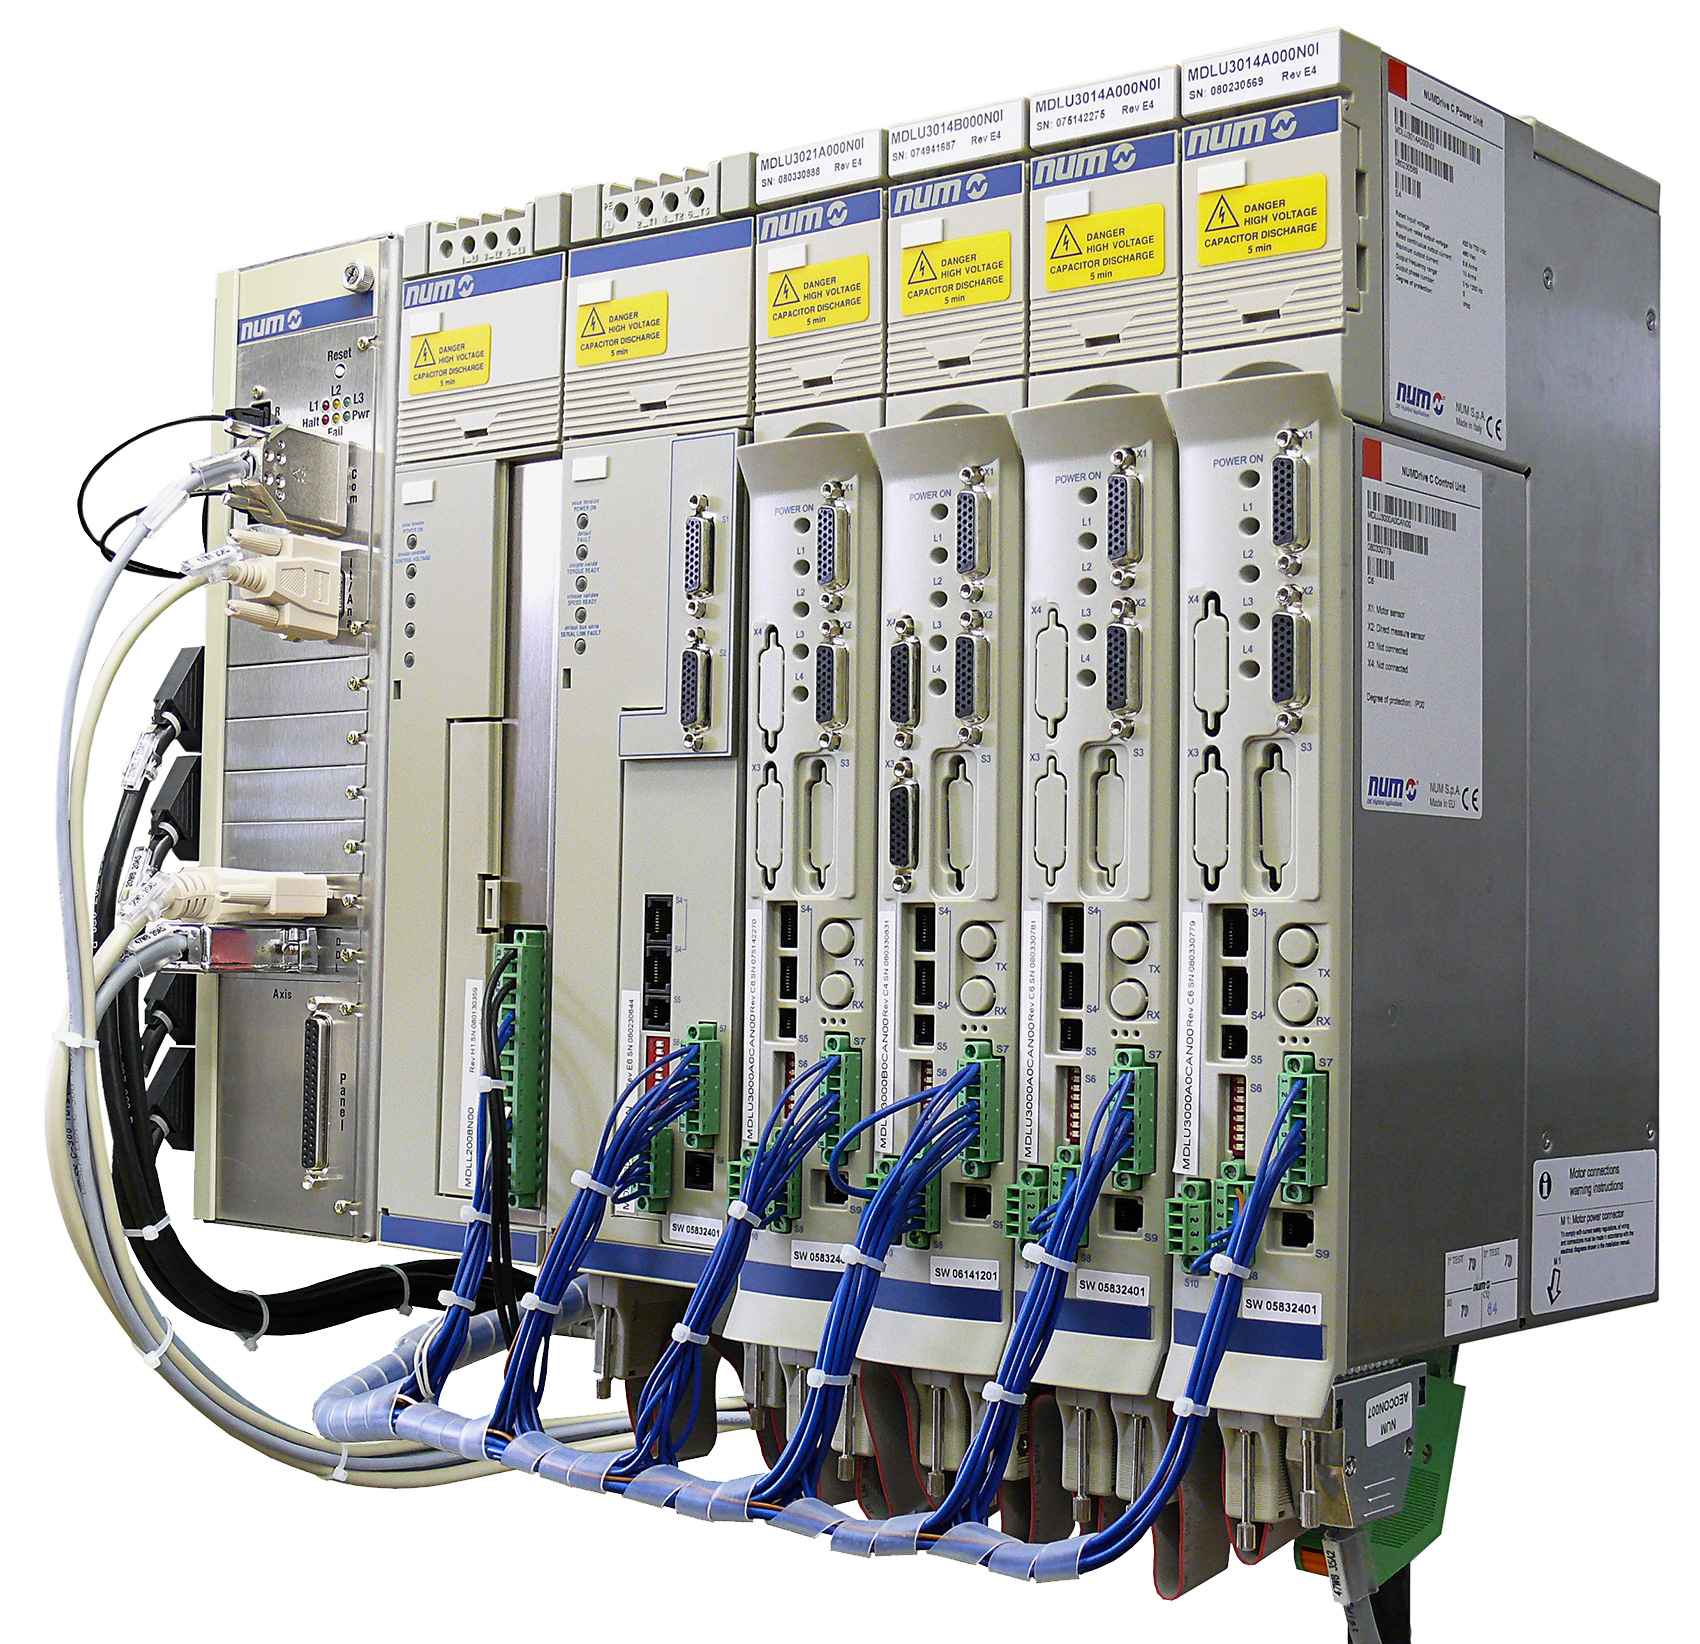 Eccezionale convenzione per gli Ufficiali di Macchina ed Elettricisti.